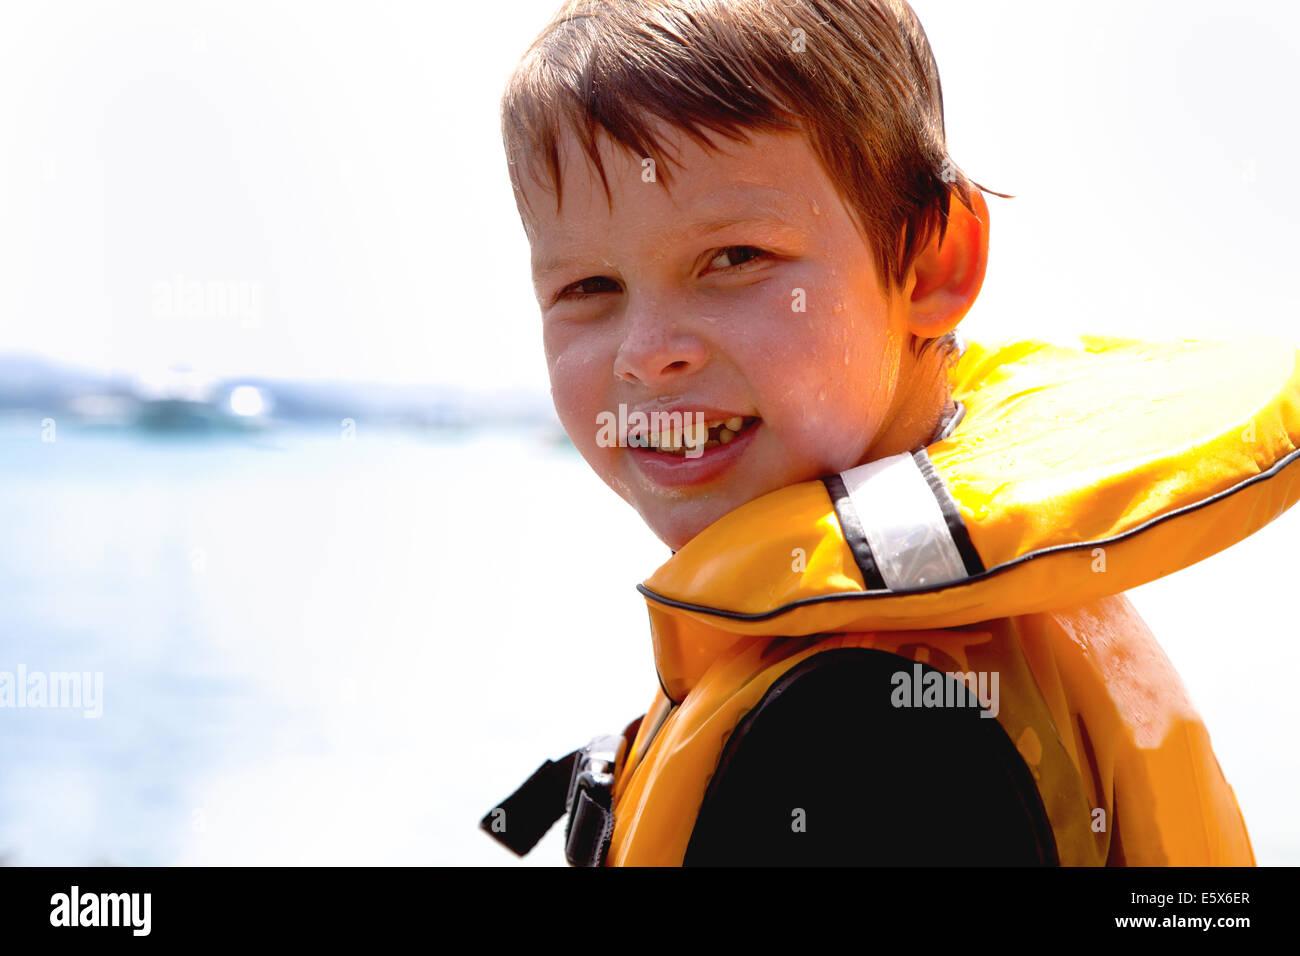 Porträt eines lächelnden jungen in Rettungsweste hautnah Stockbild